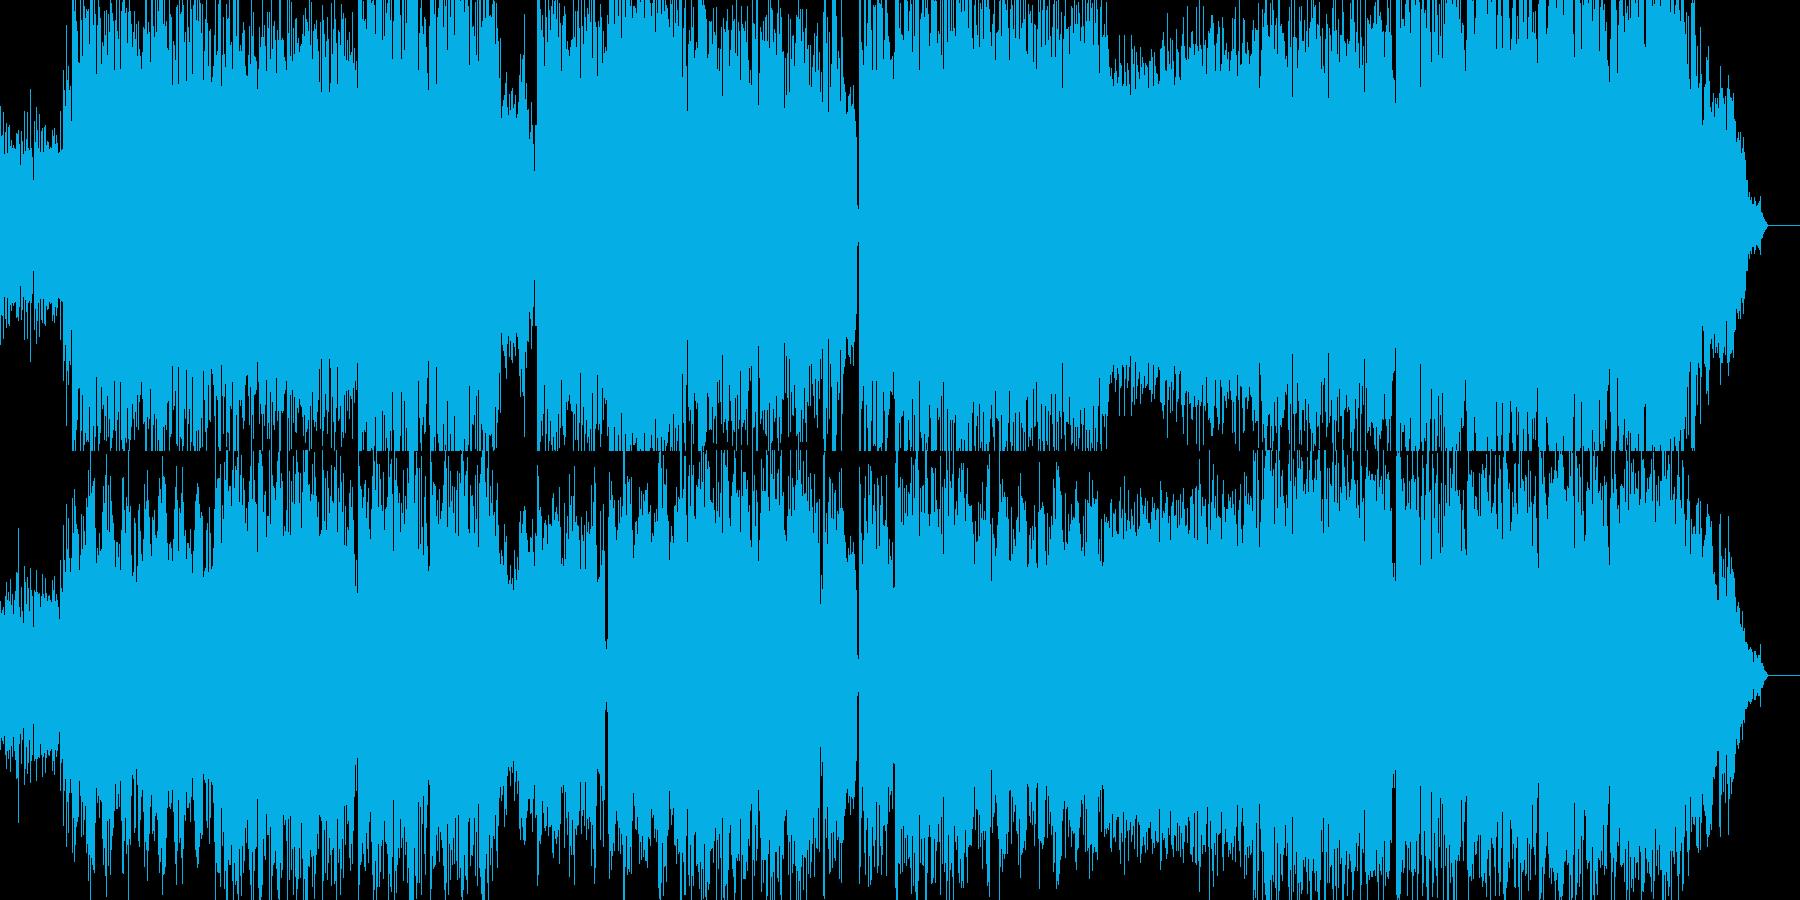 ダーティーな歌詞のオルタナミディアムの再生済みの波形